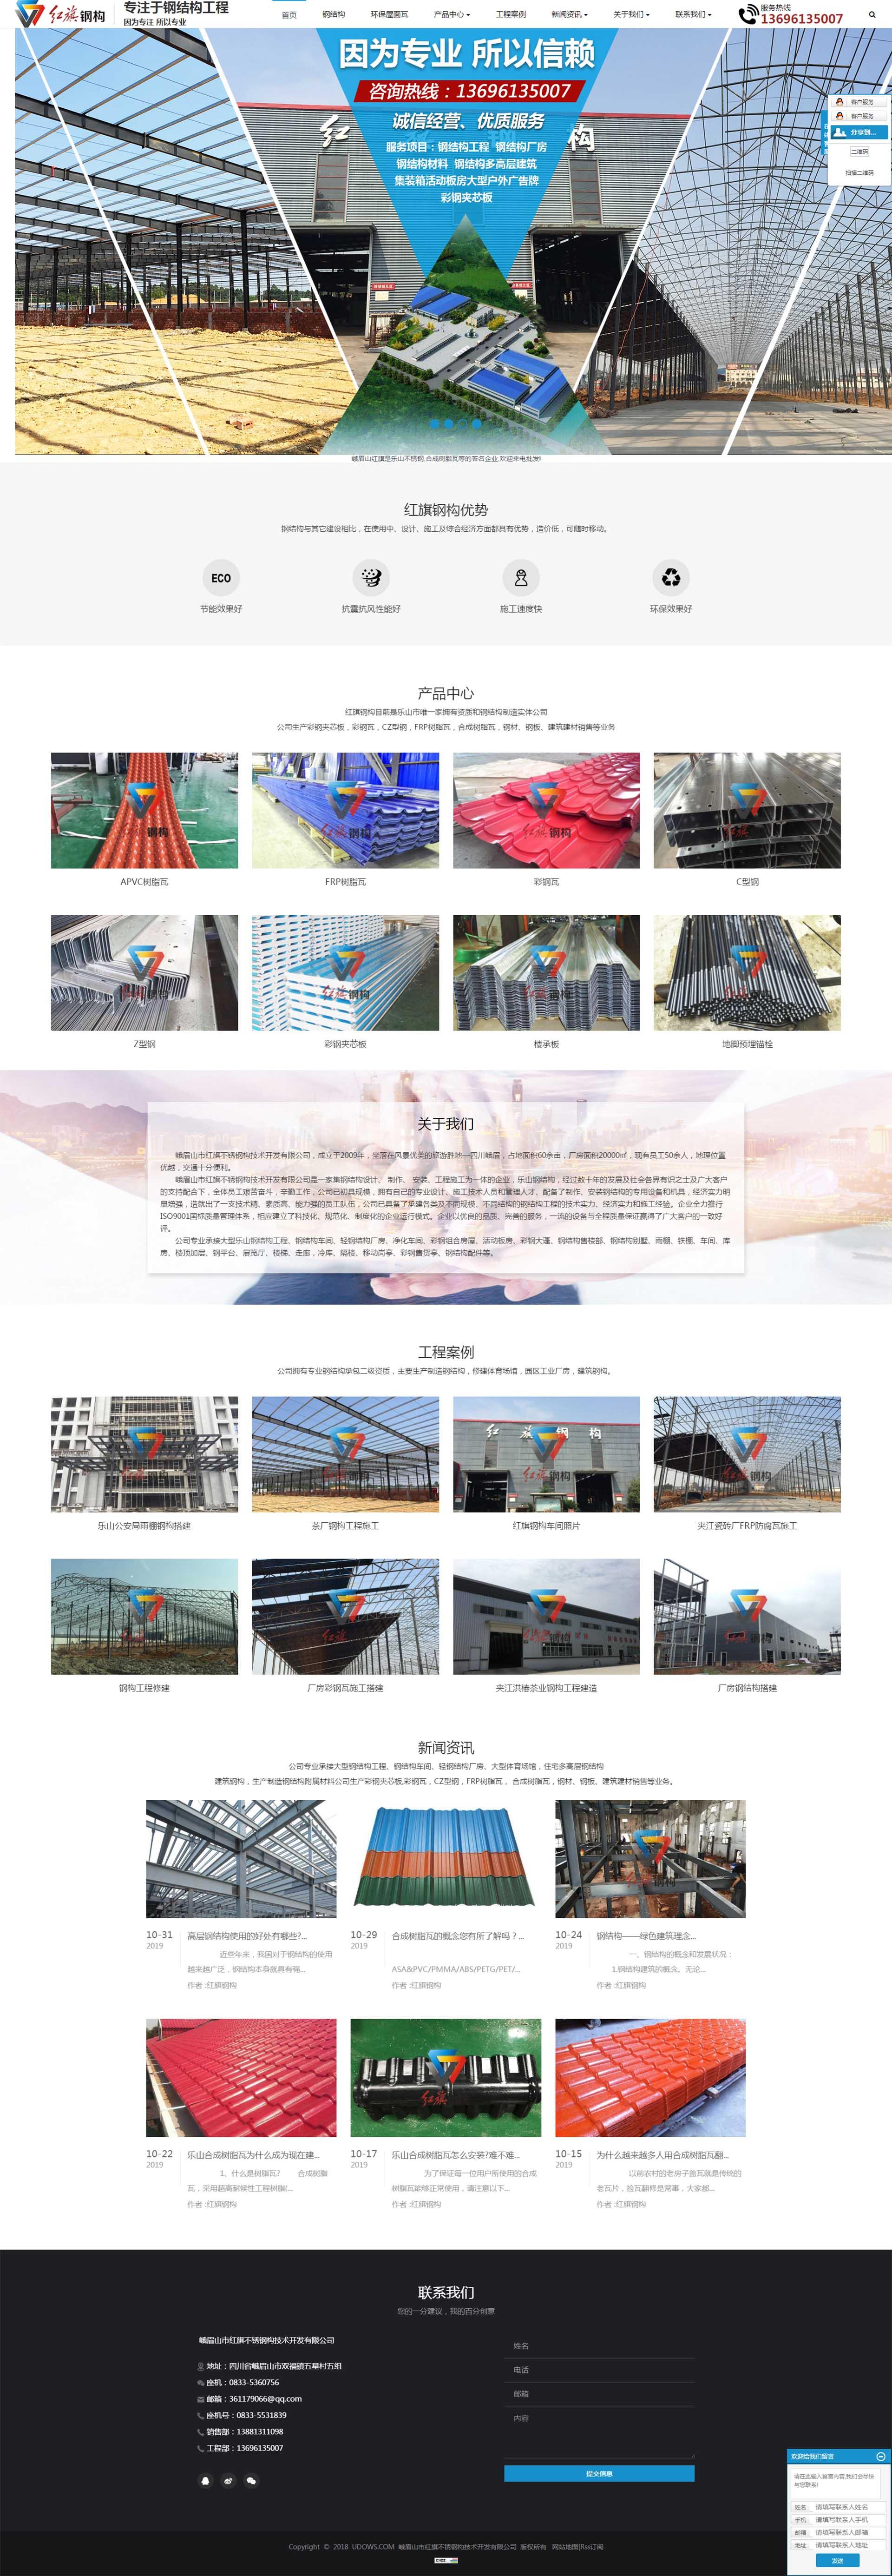 红旗钢构网站建设